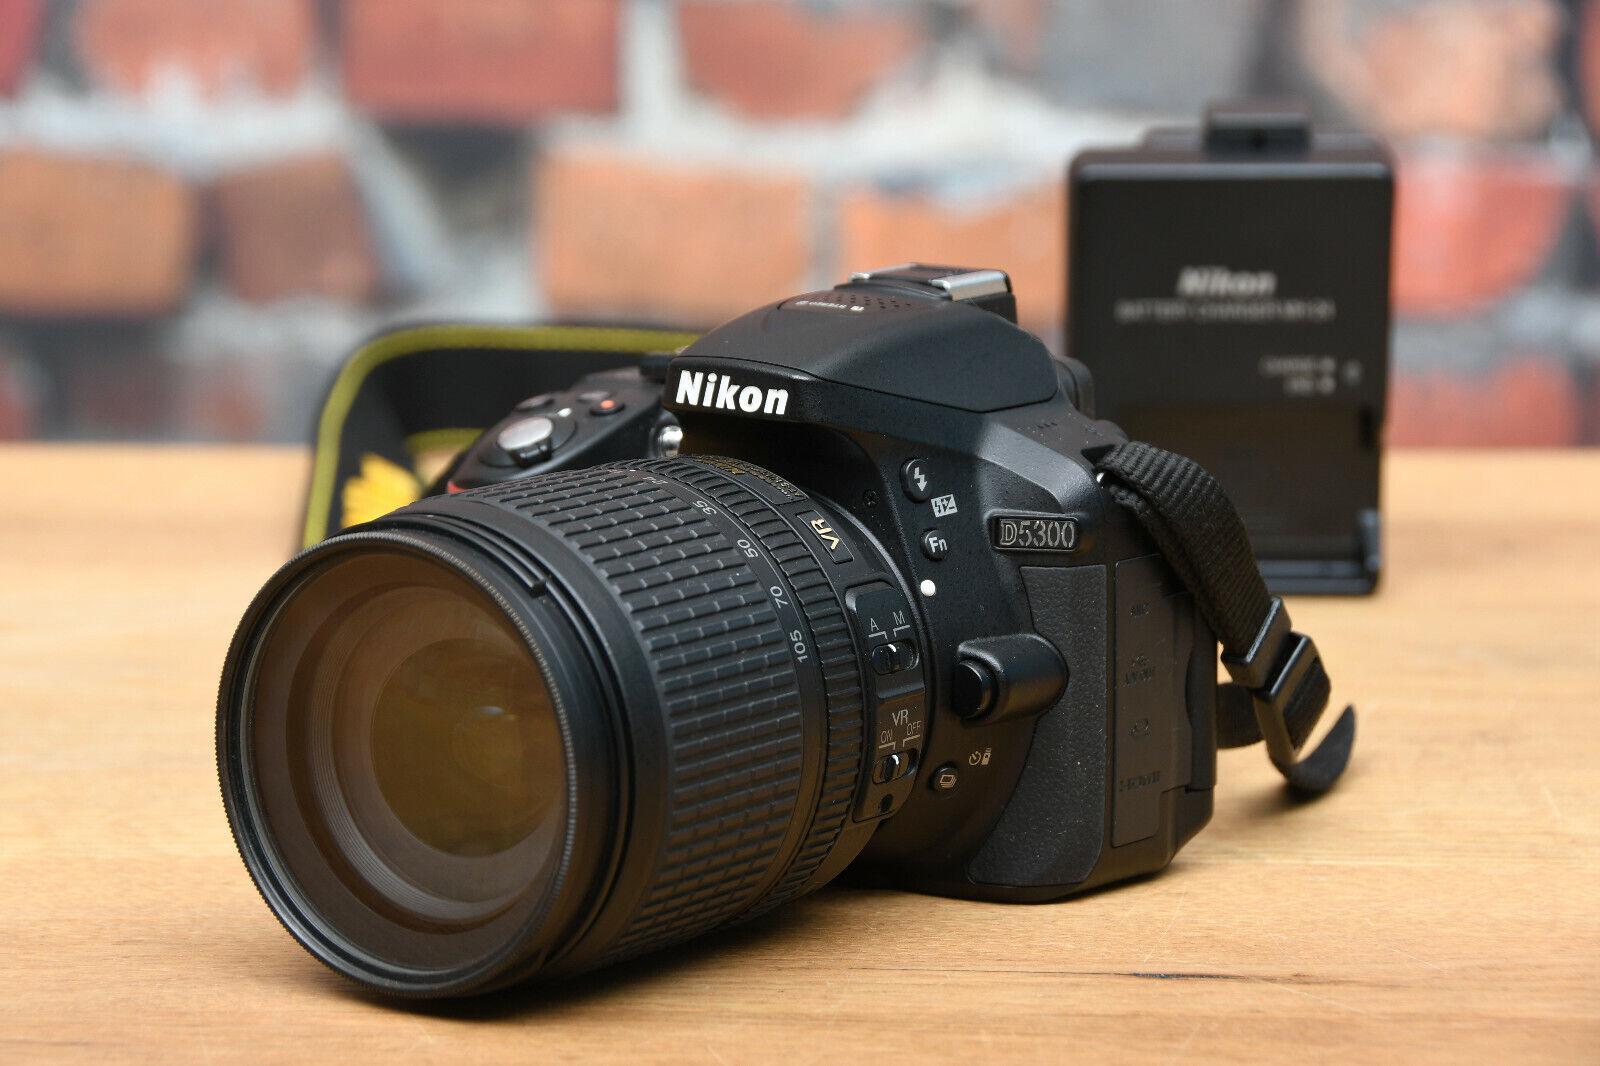 NIKON D5300 Digital Spiegelreflex Kamera + DX AF-S 18-105 mm 3,5-5,6 ED Objektiv